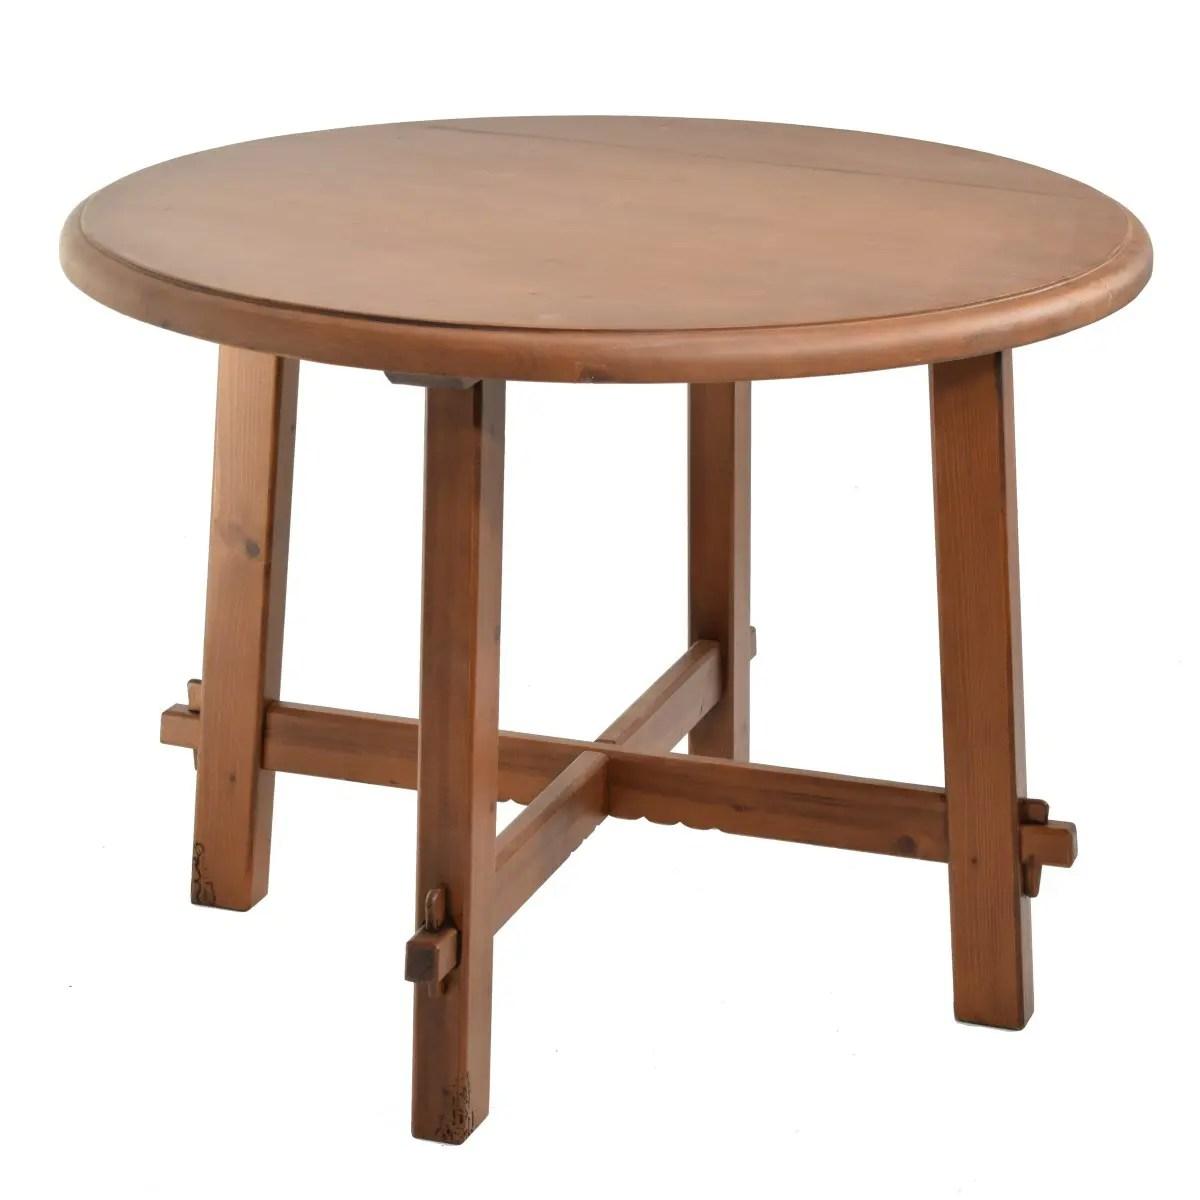 Mesa rstica redonda Ecorstico venta de muebles